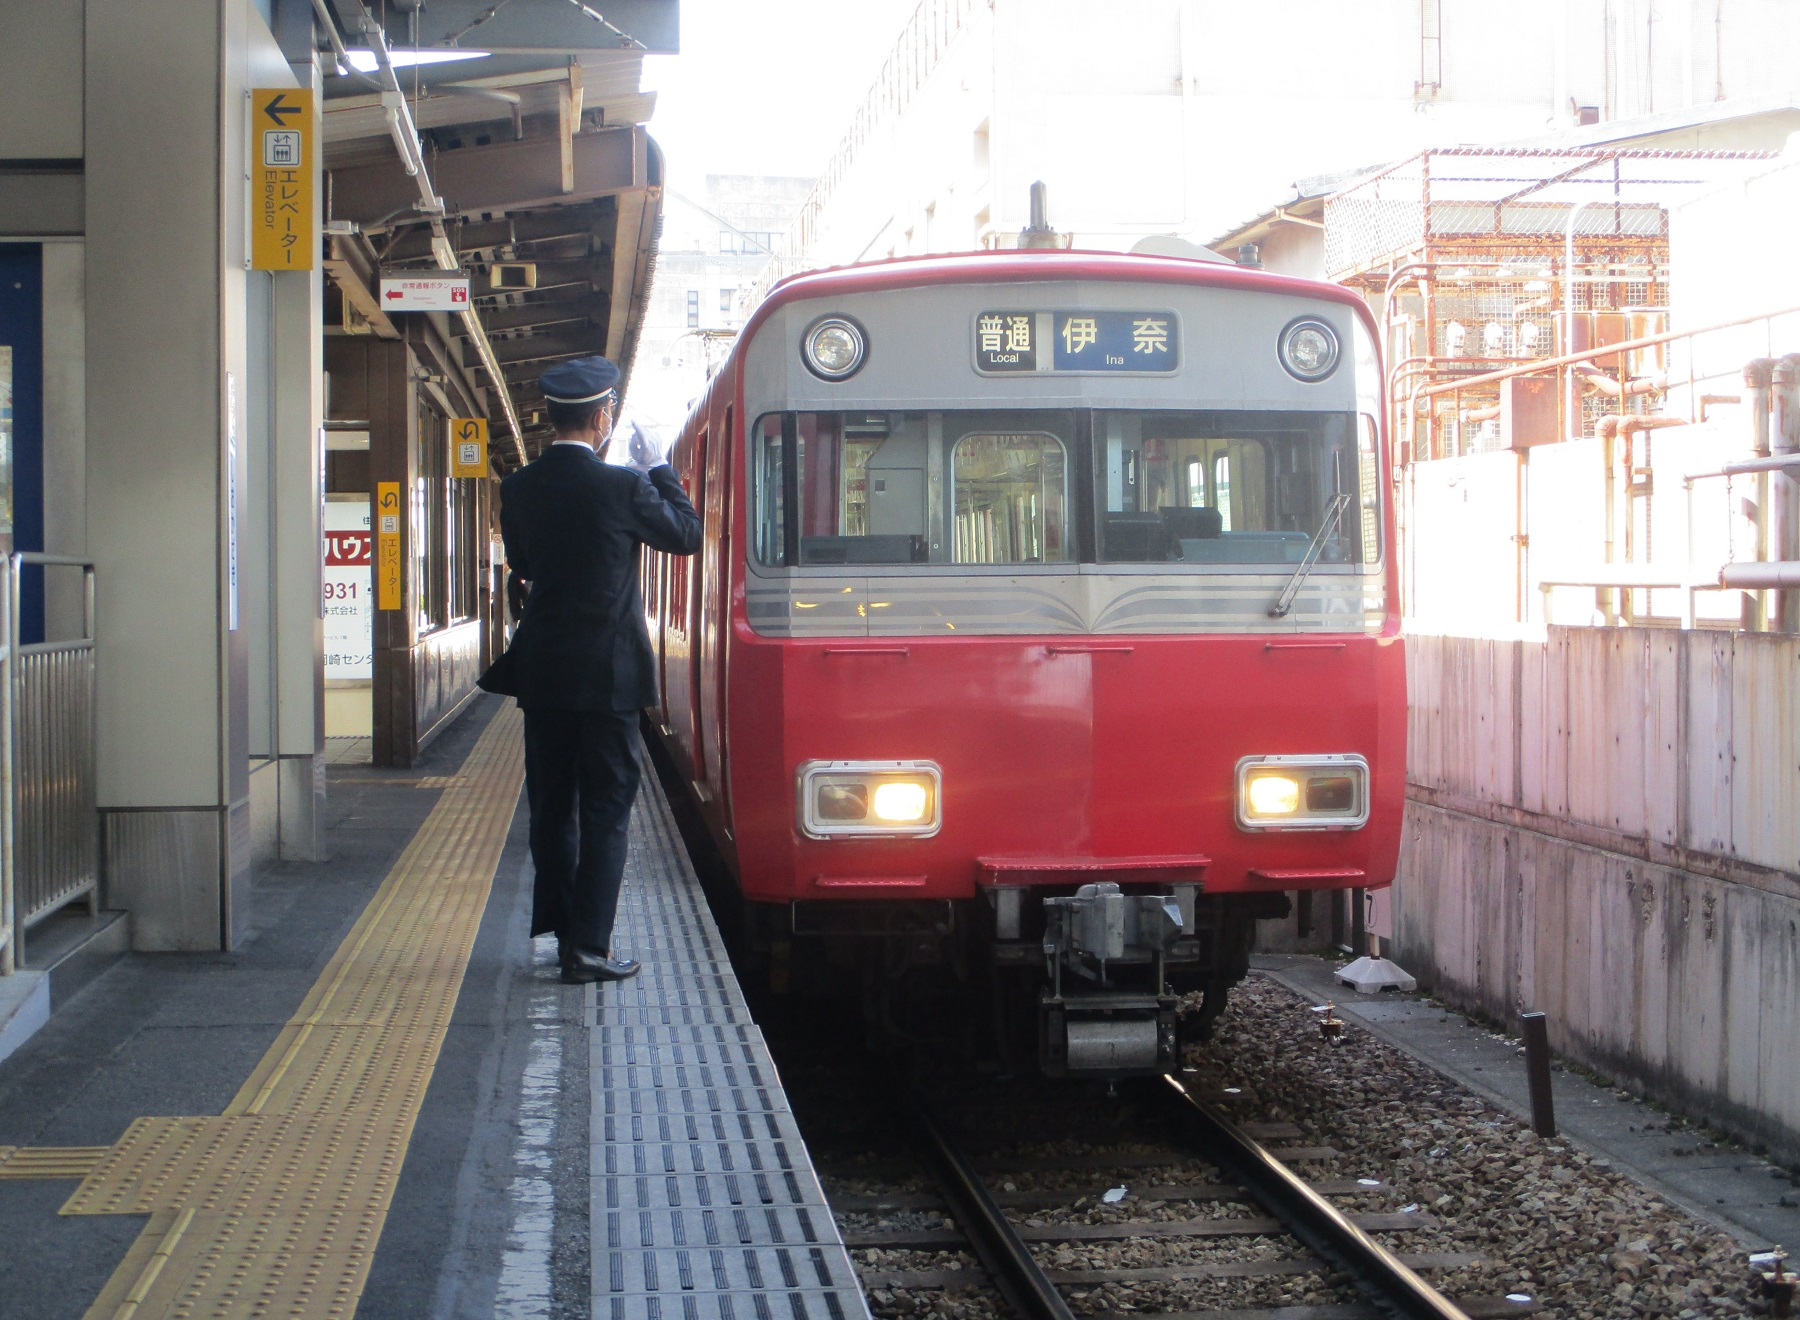 2020.3.7 (12) 東岡崎 - 伊奈いきふつう 1800-1320